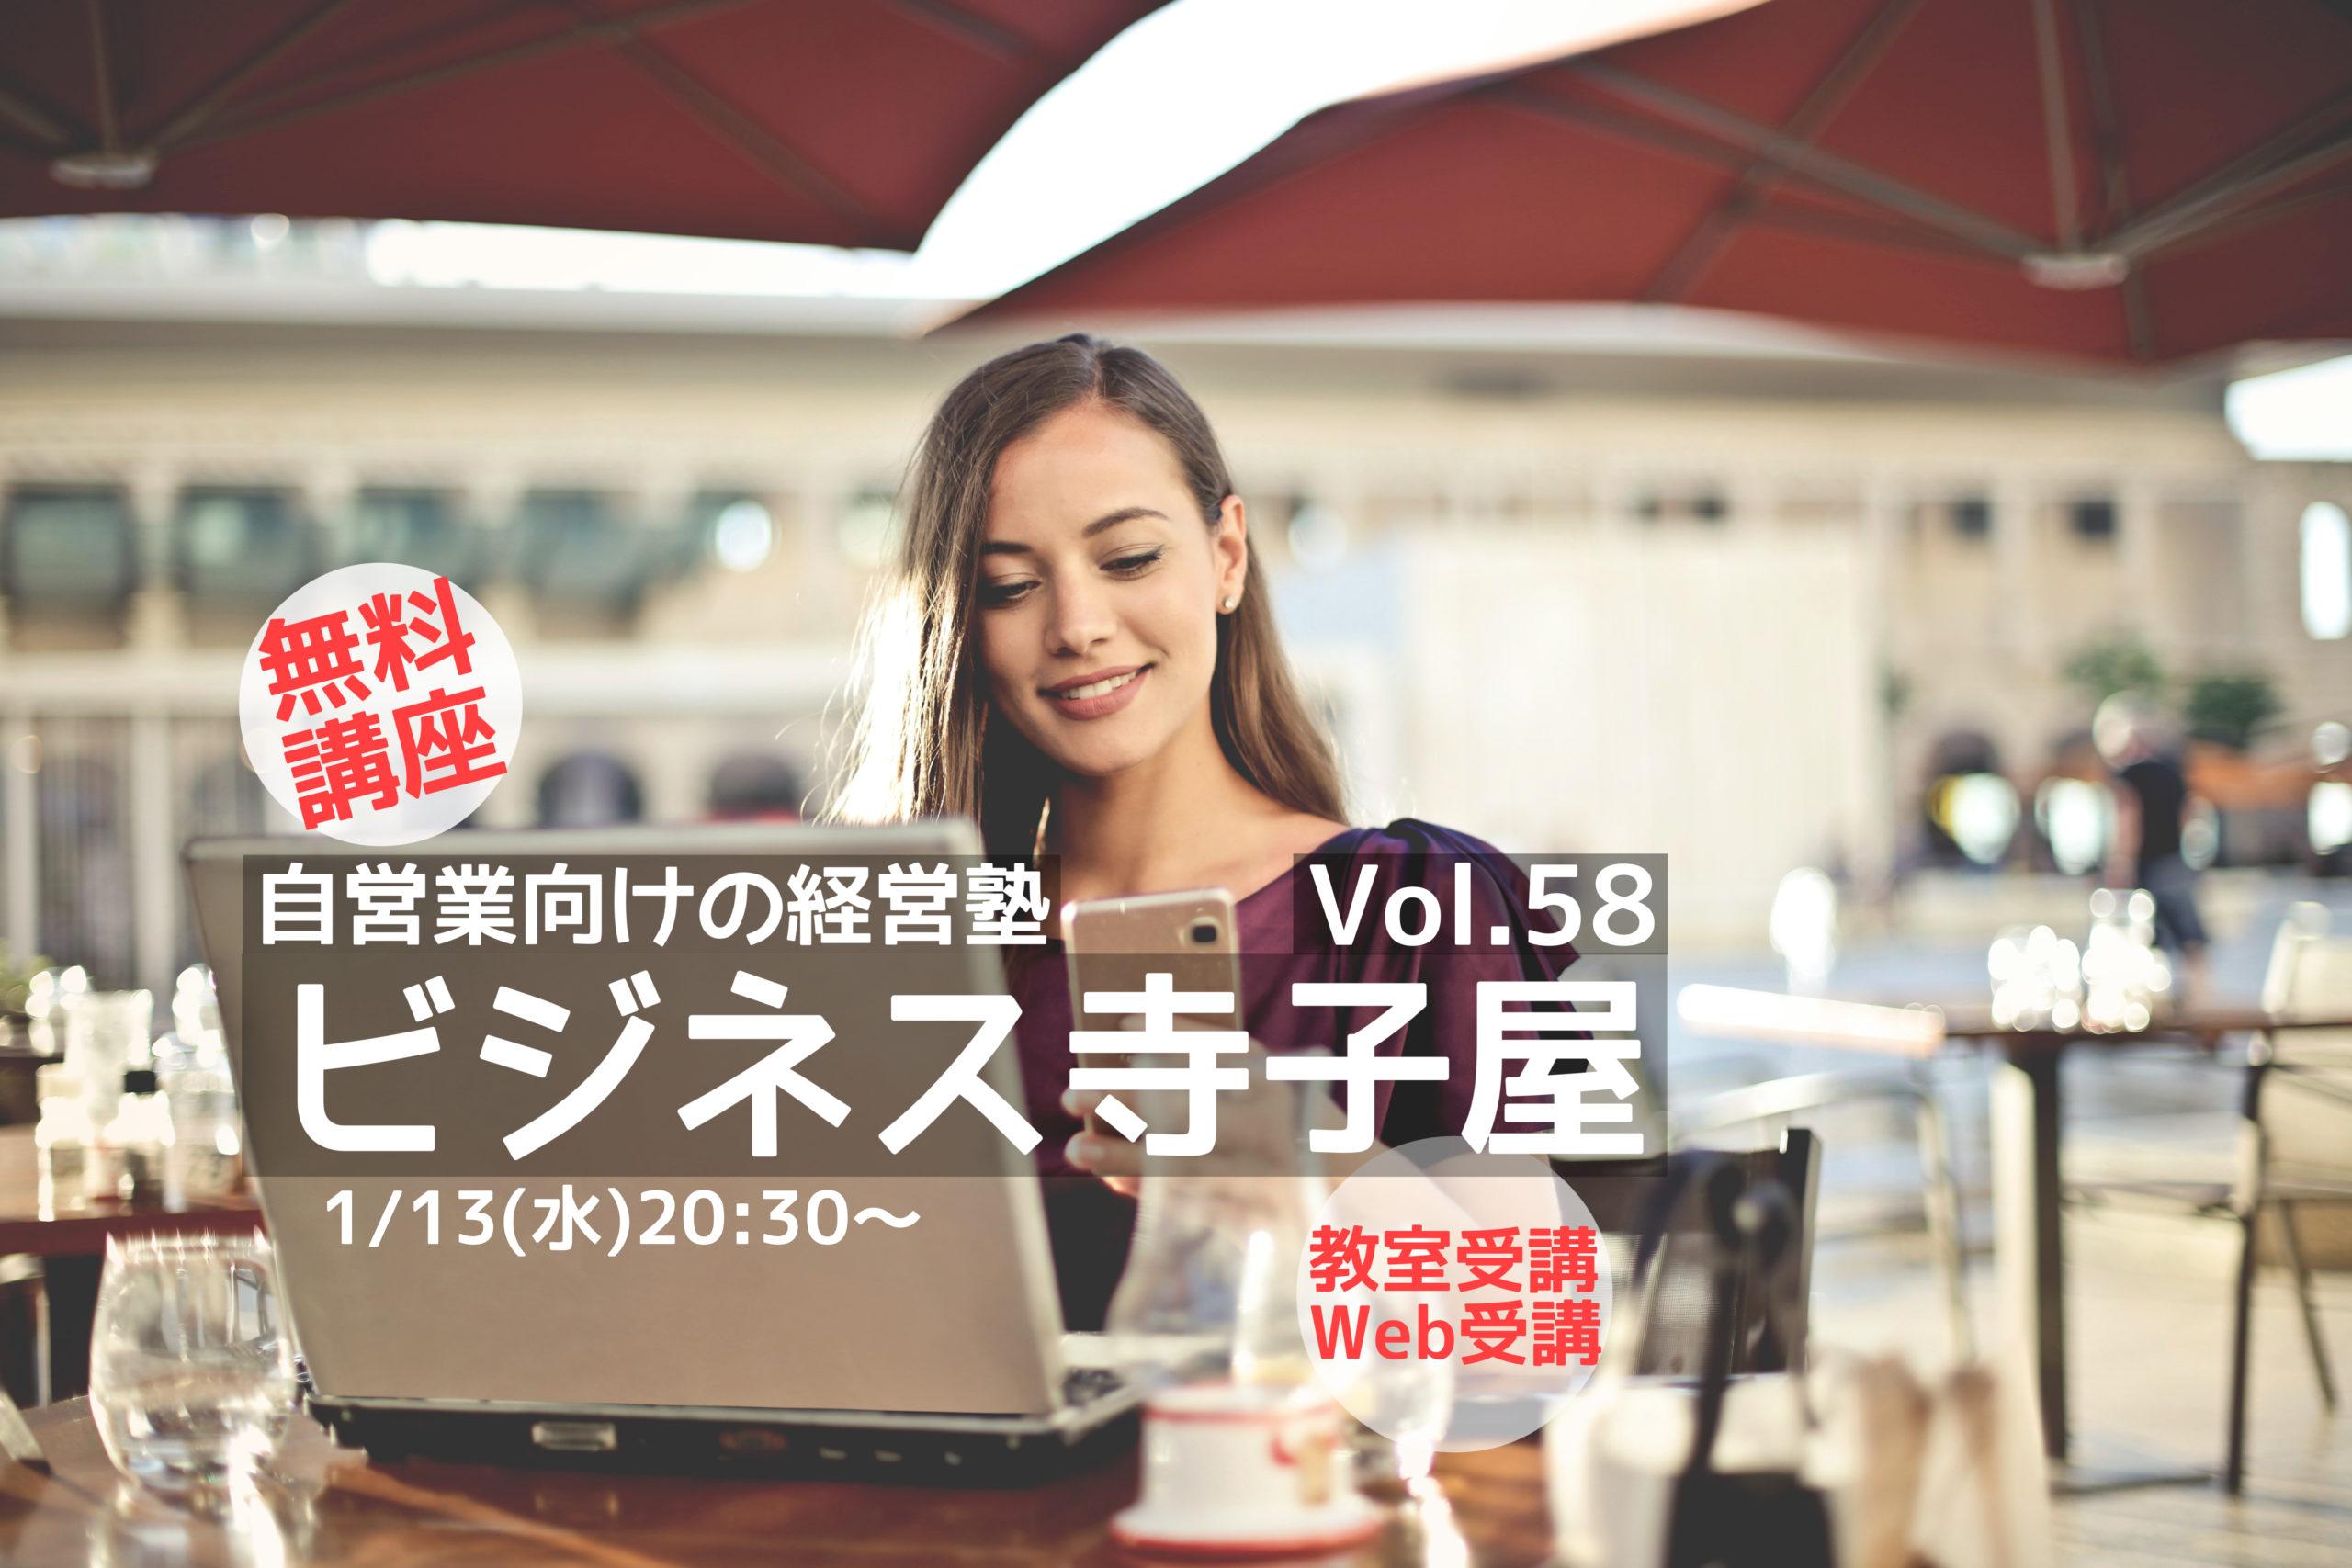 終了しました オンライン講座【ビジネス寺子屋vol.58】毎月開催・自営業向け無料の経営塾